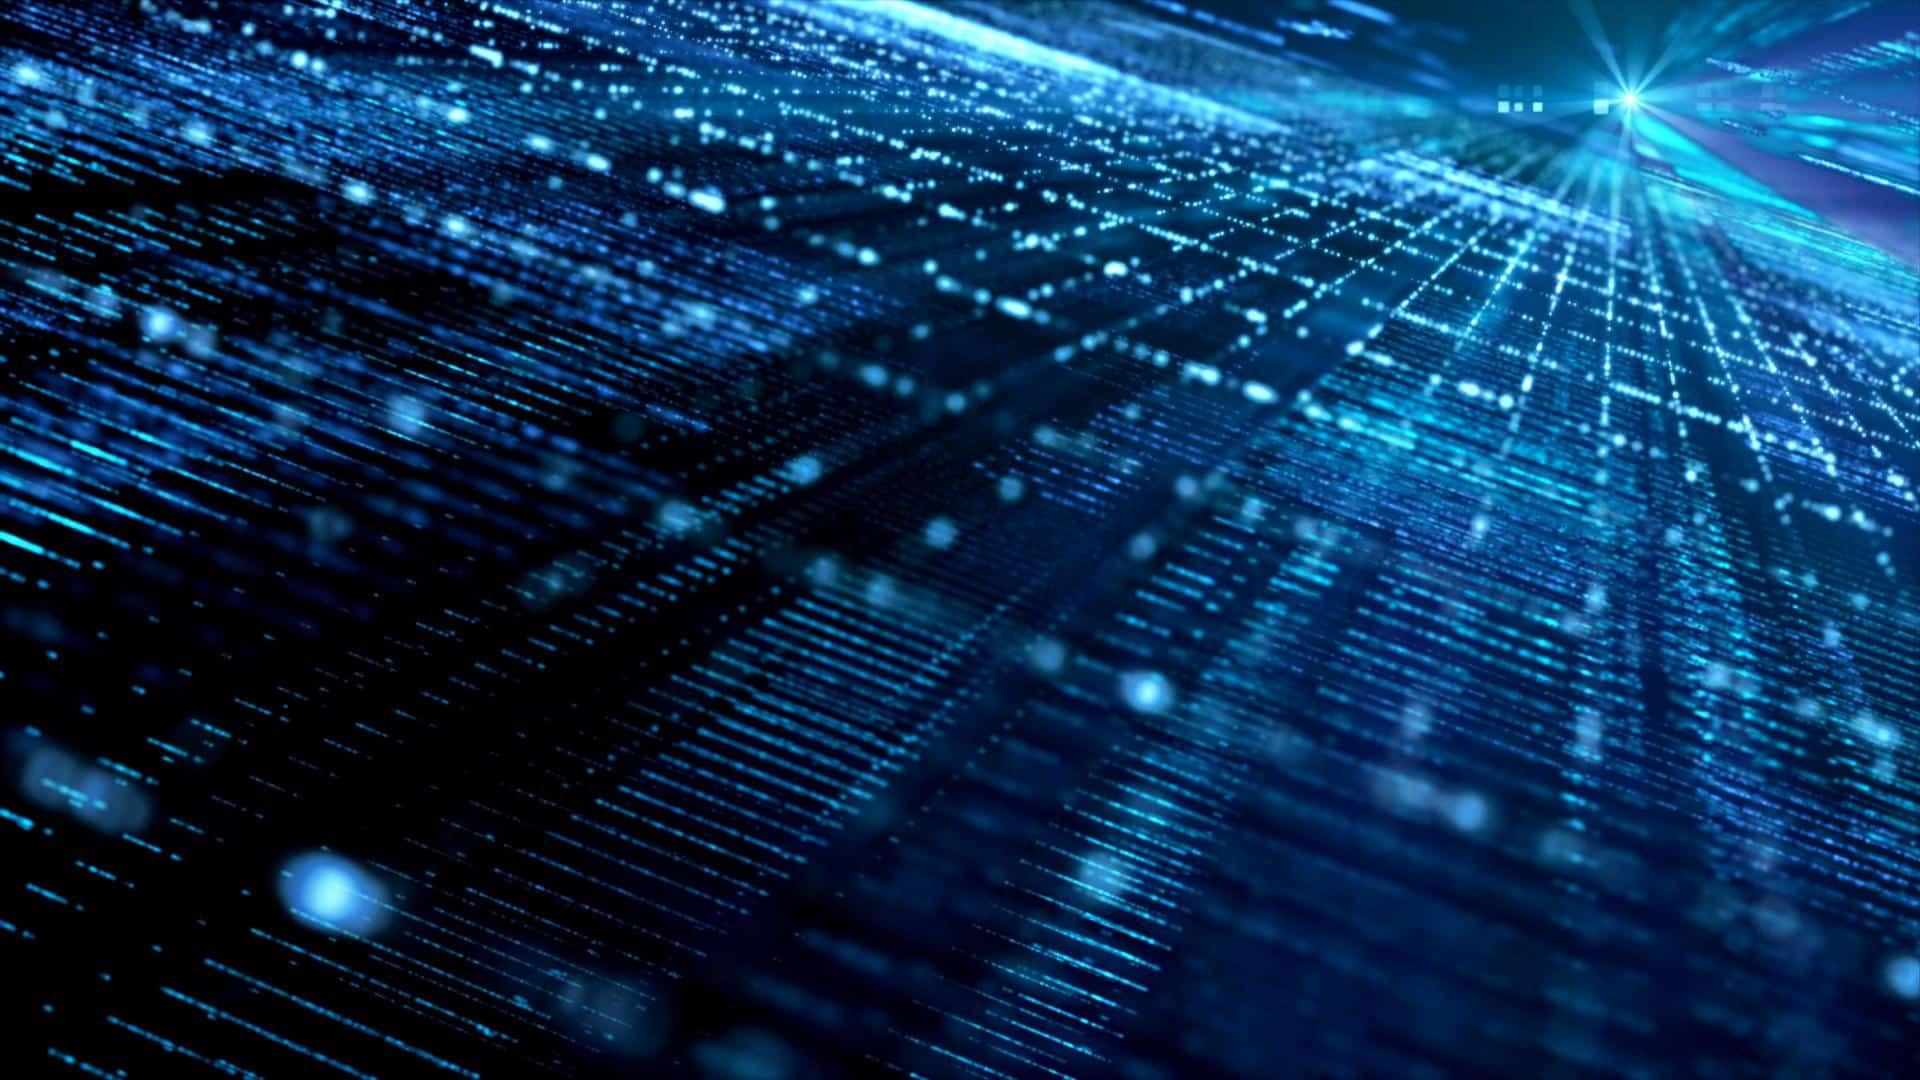 2020'de Siber Saldırılar Artacak